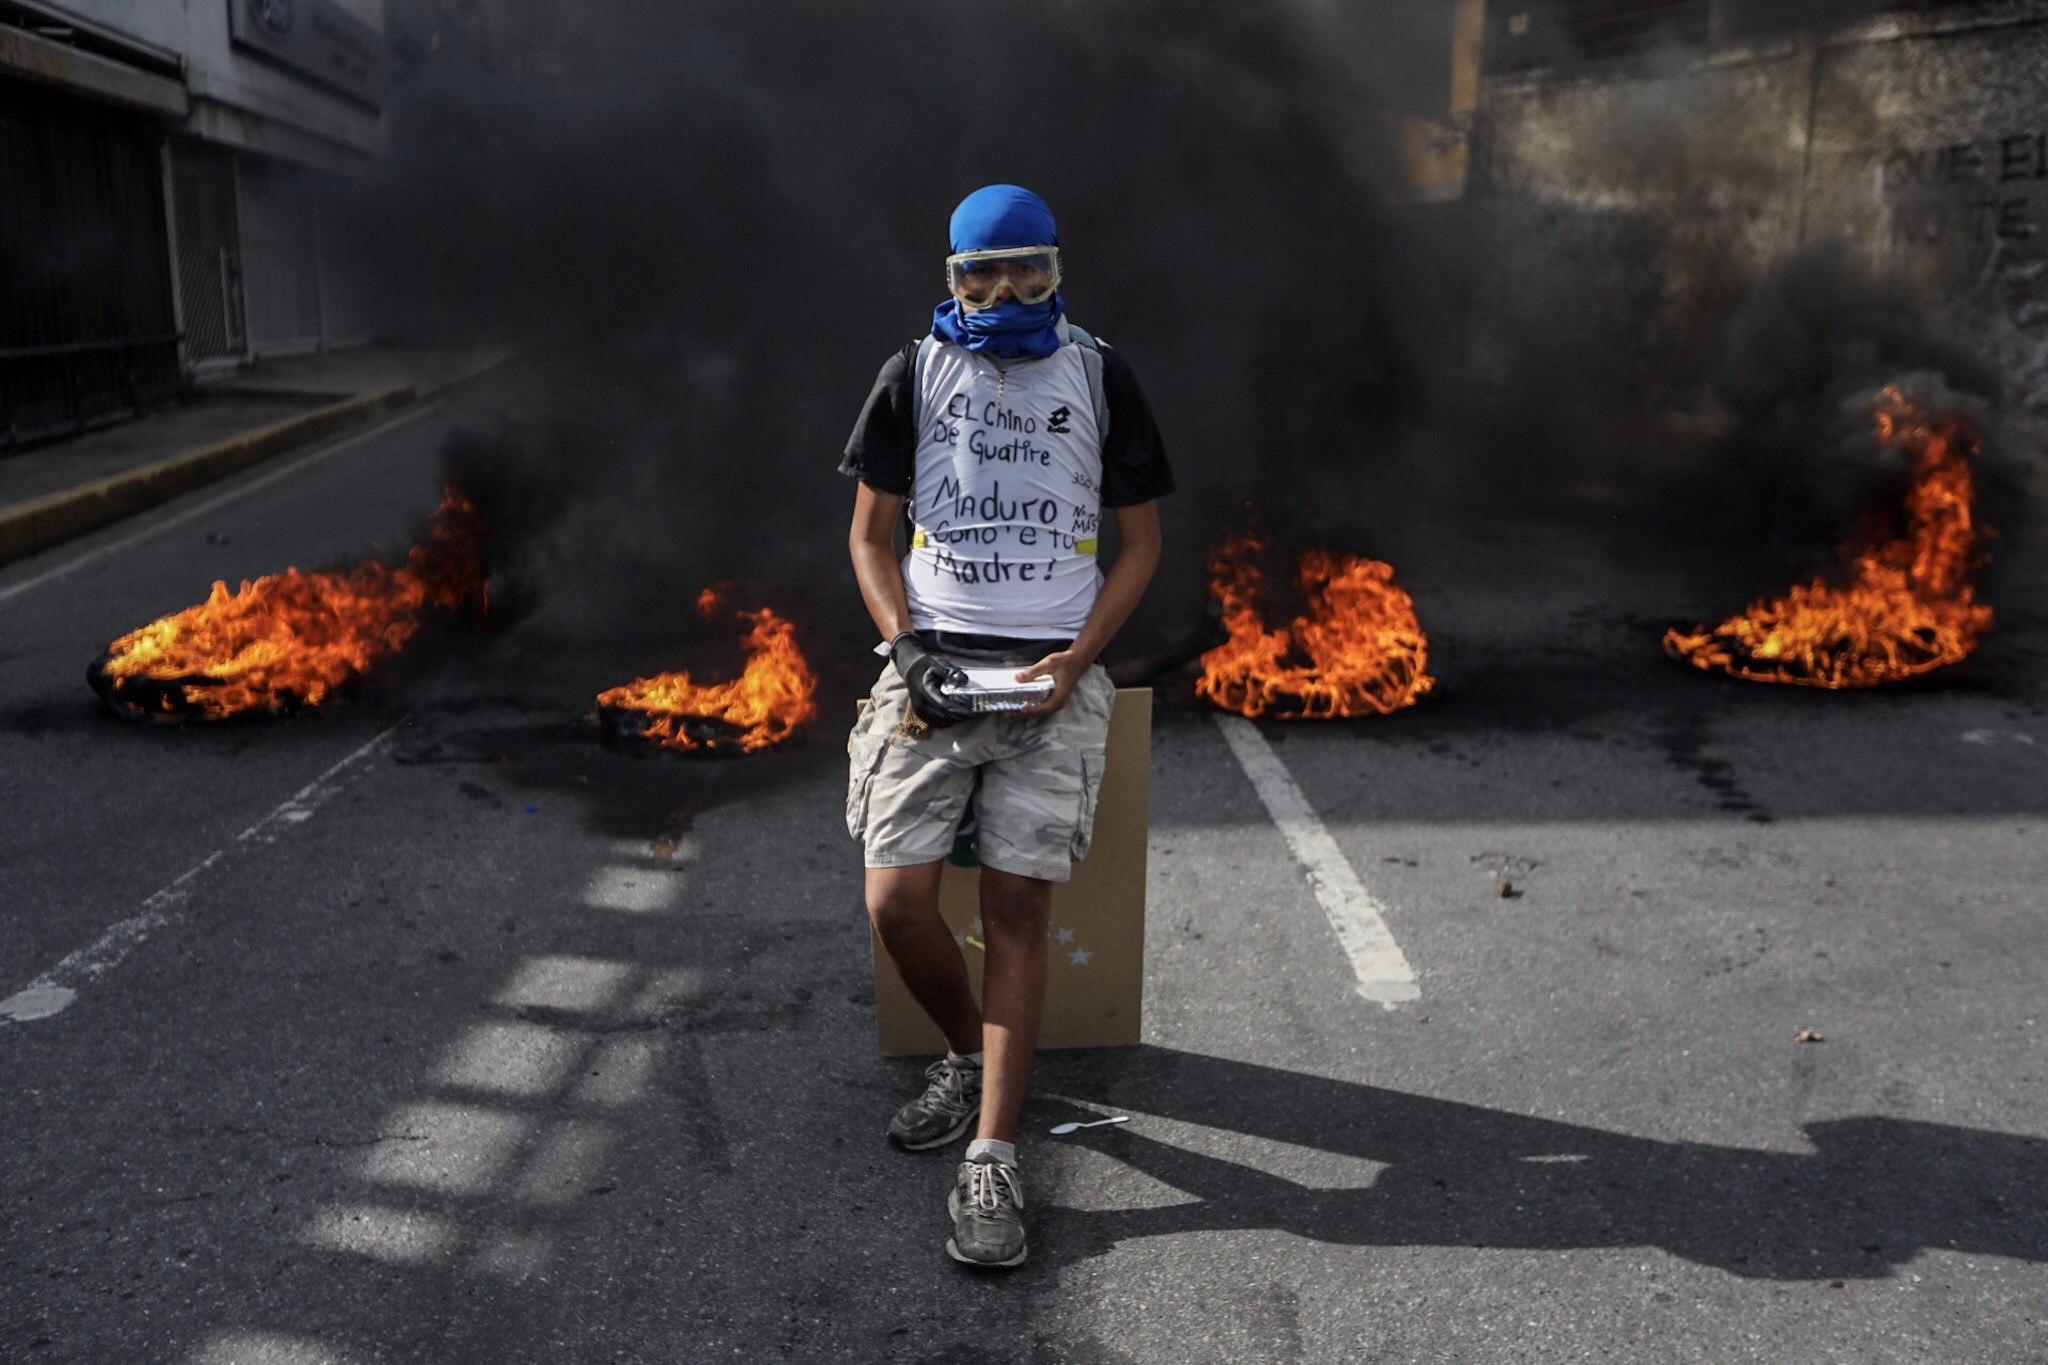 Un manifestant davant d'una barricada en flames durant una manifestació a Caracas (Veneçuela). /MIGUEL GUTIERREZ